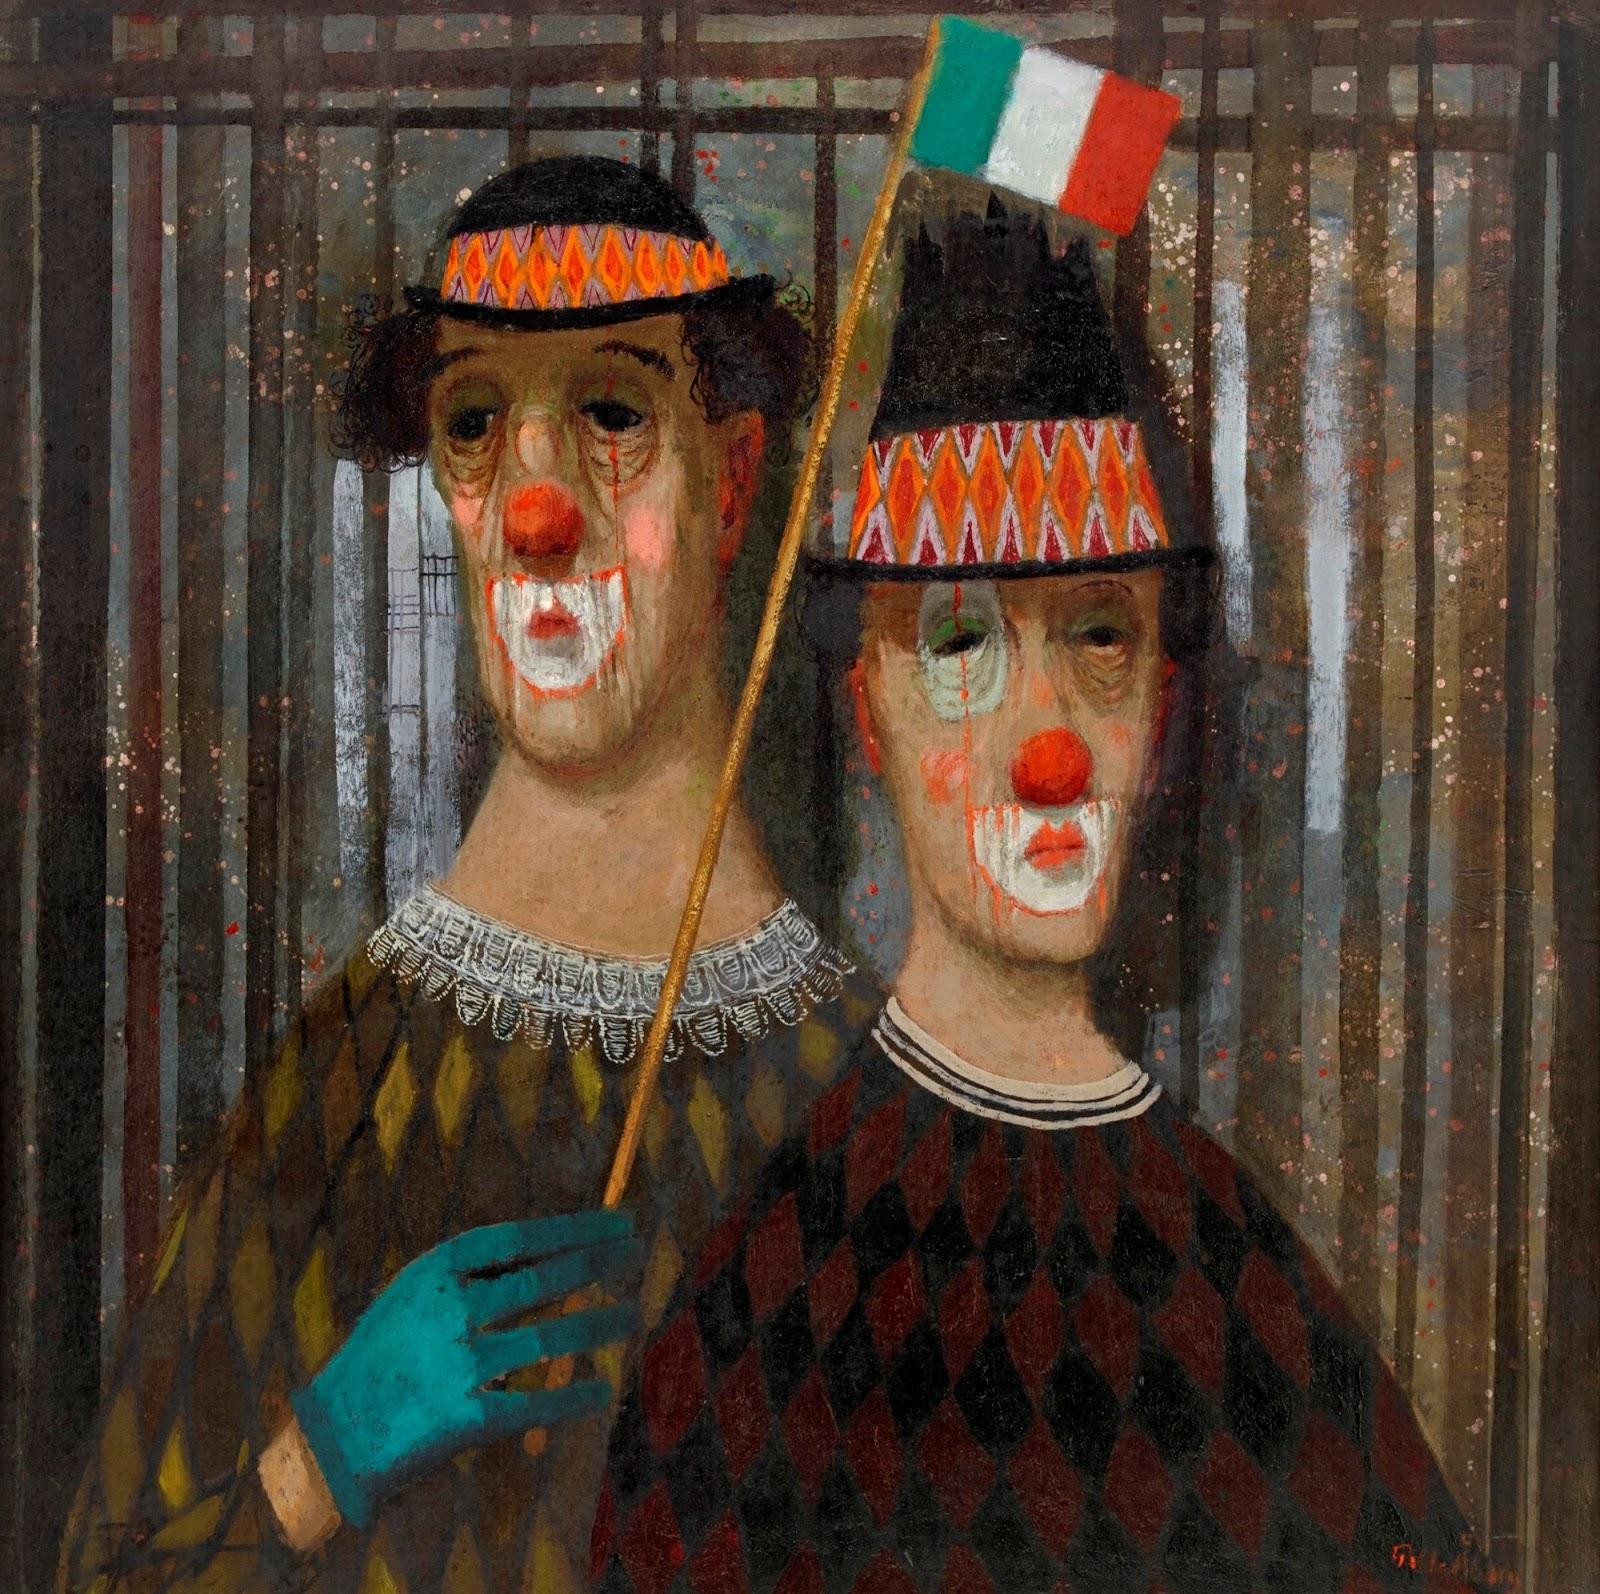 Два итальянских клоуна_61 x 61_д.,м._Частное собрание.jpg